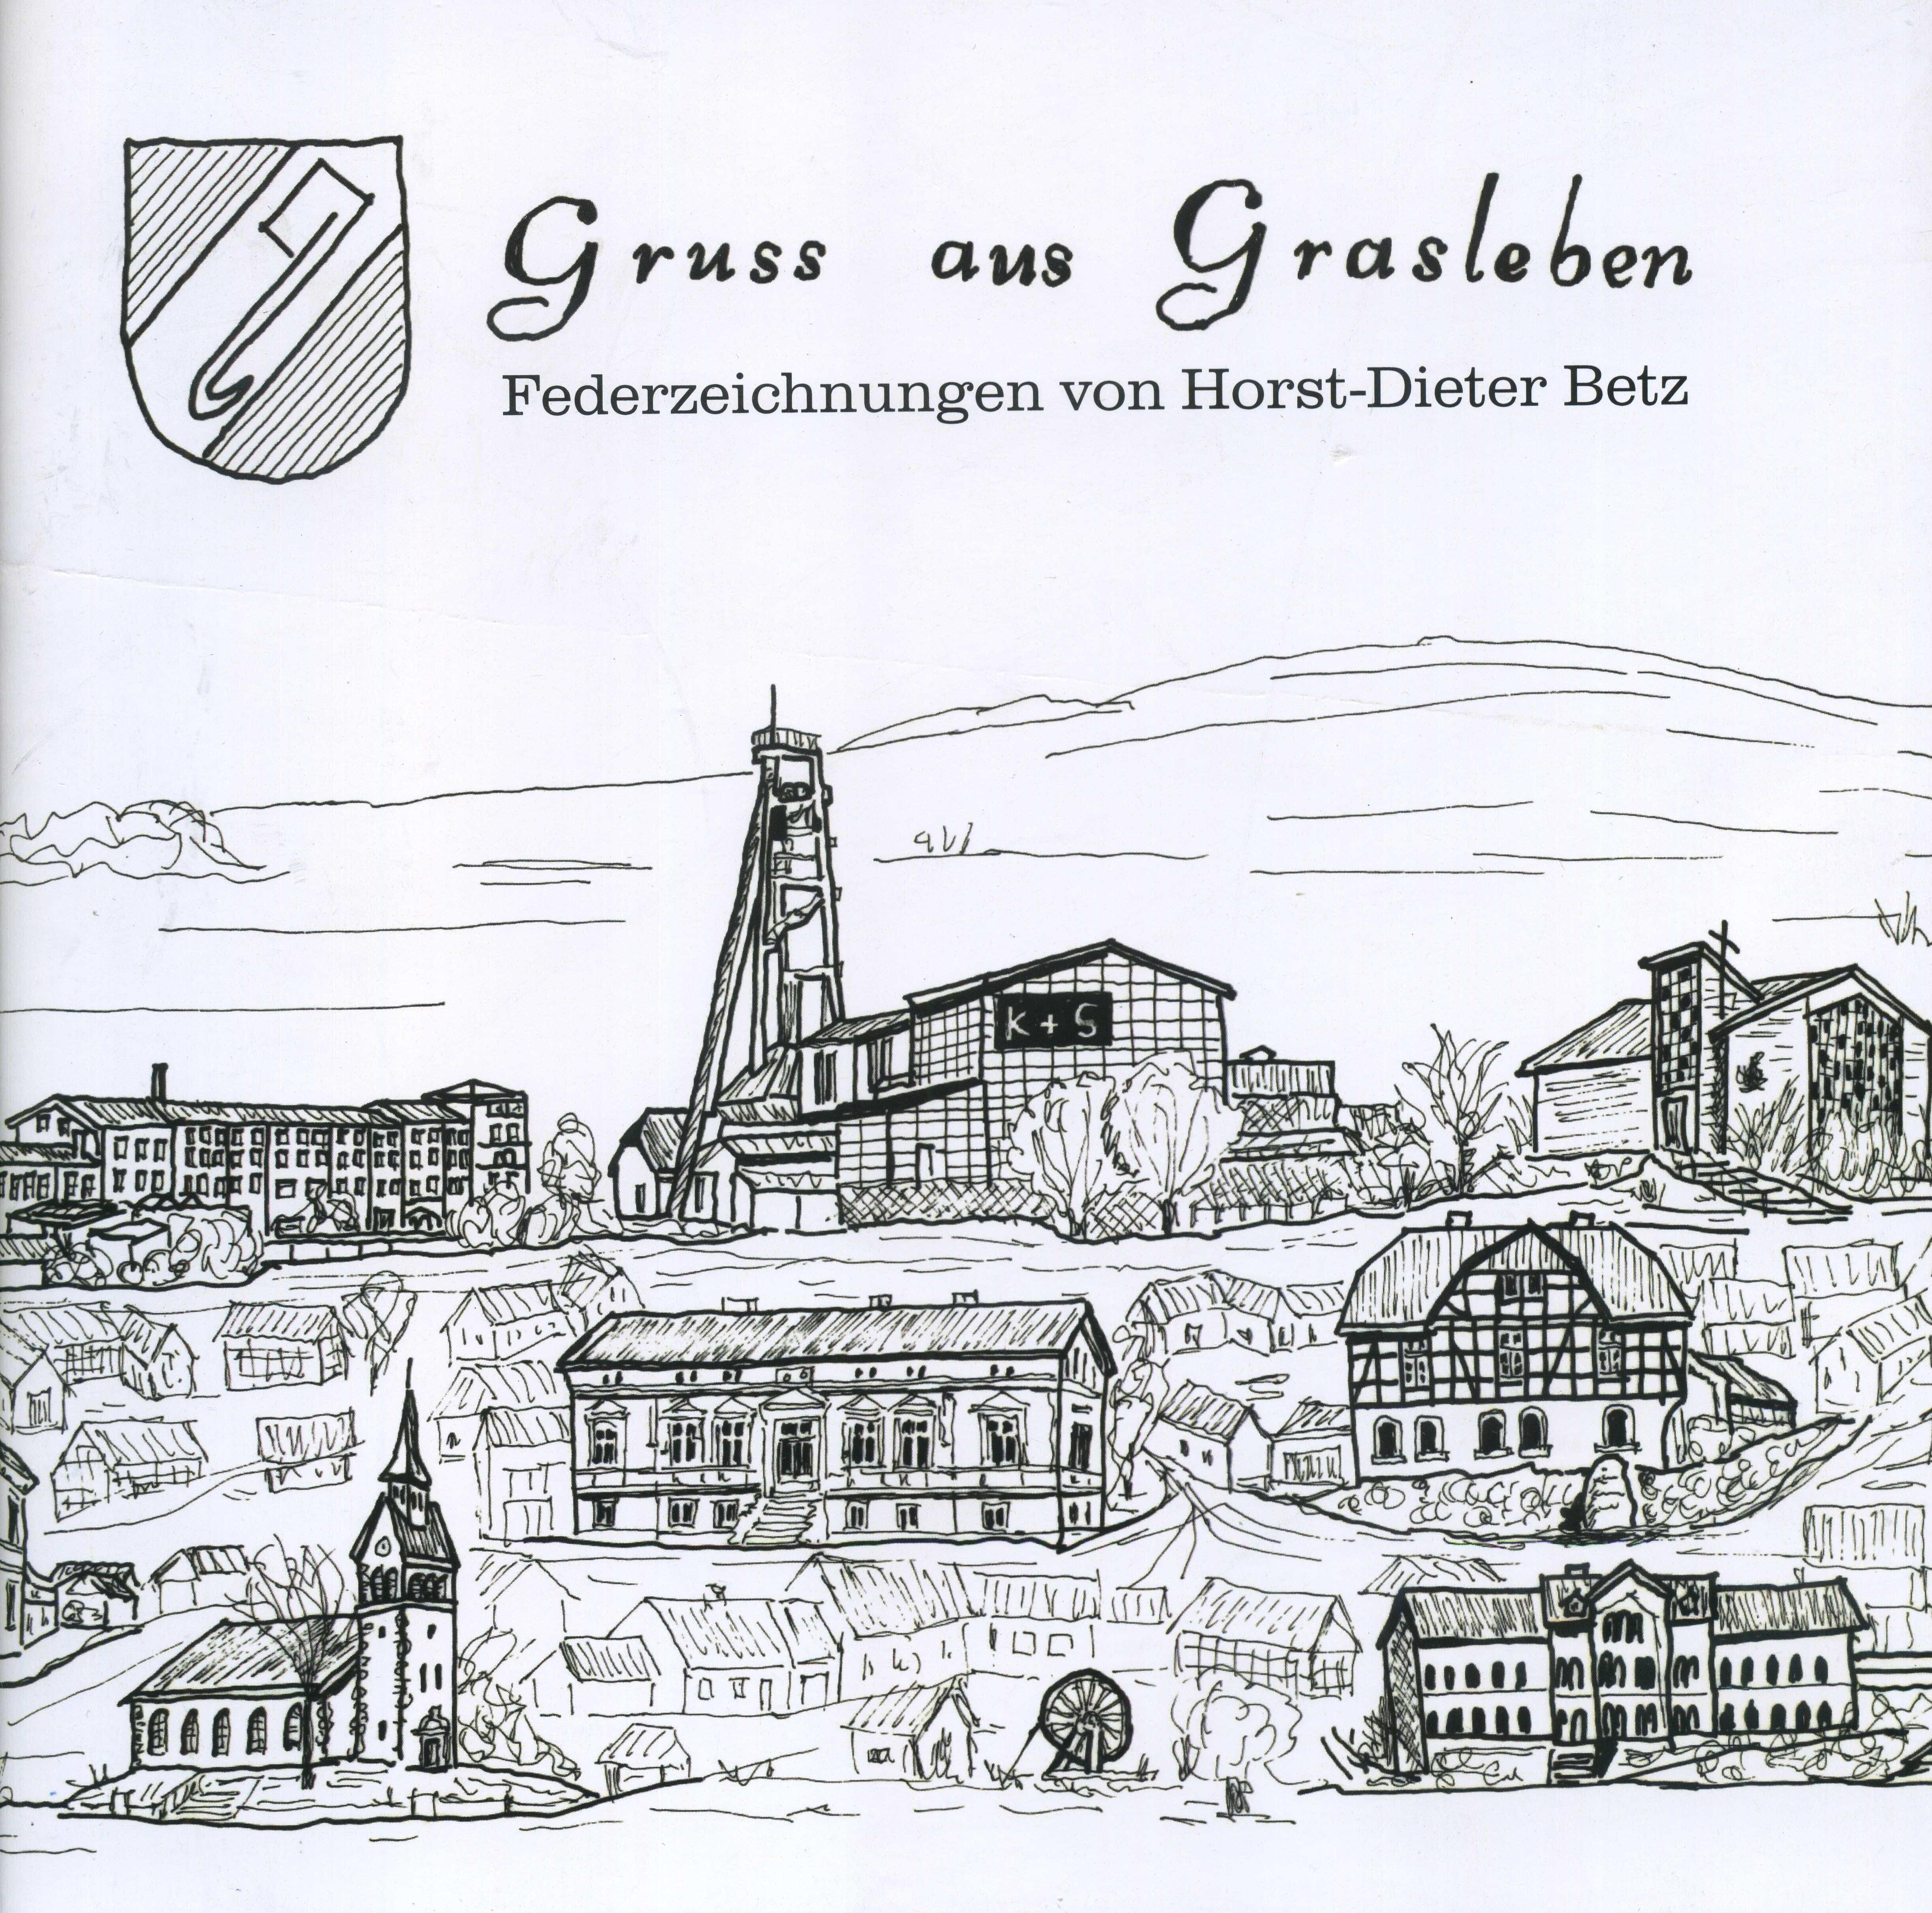 Gruss aus Grasleben